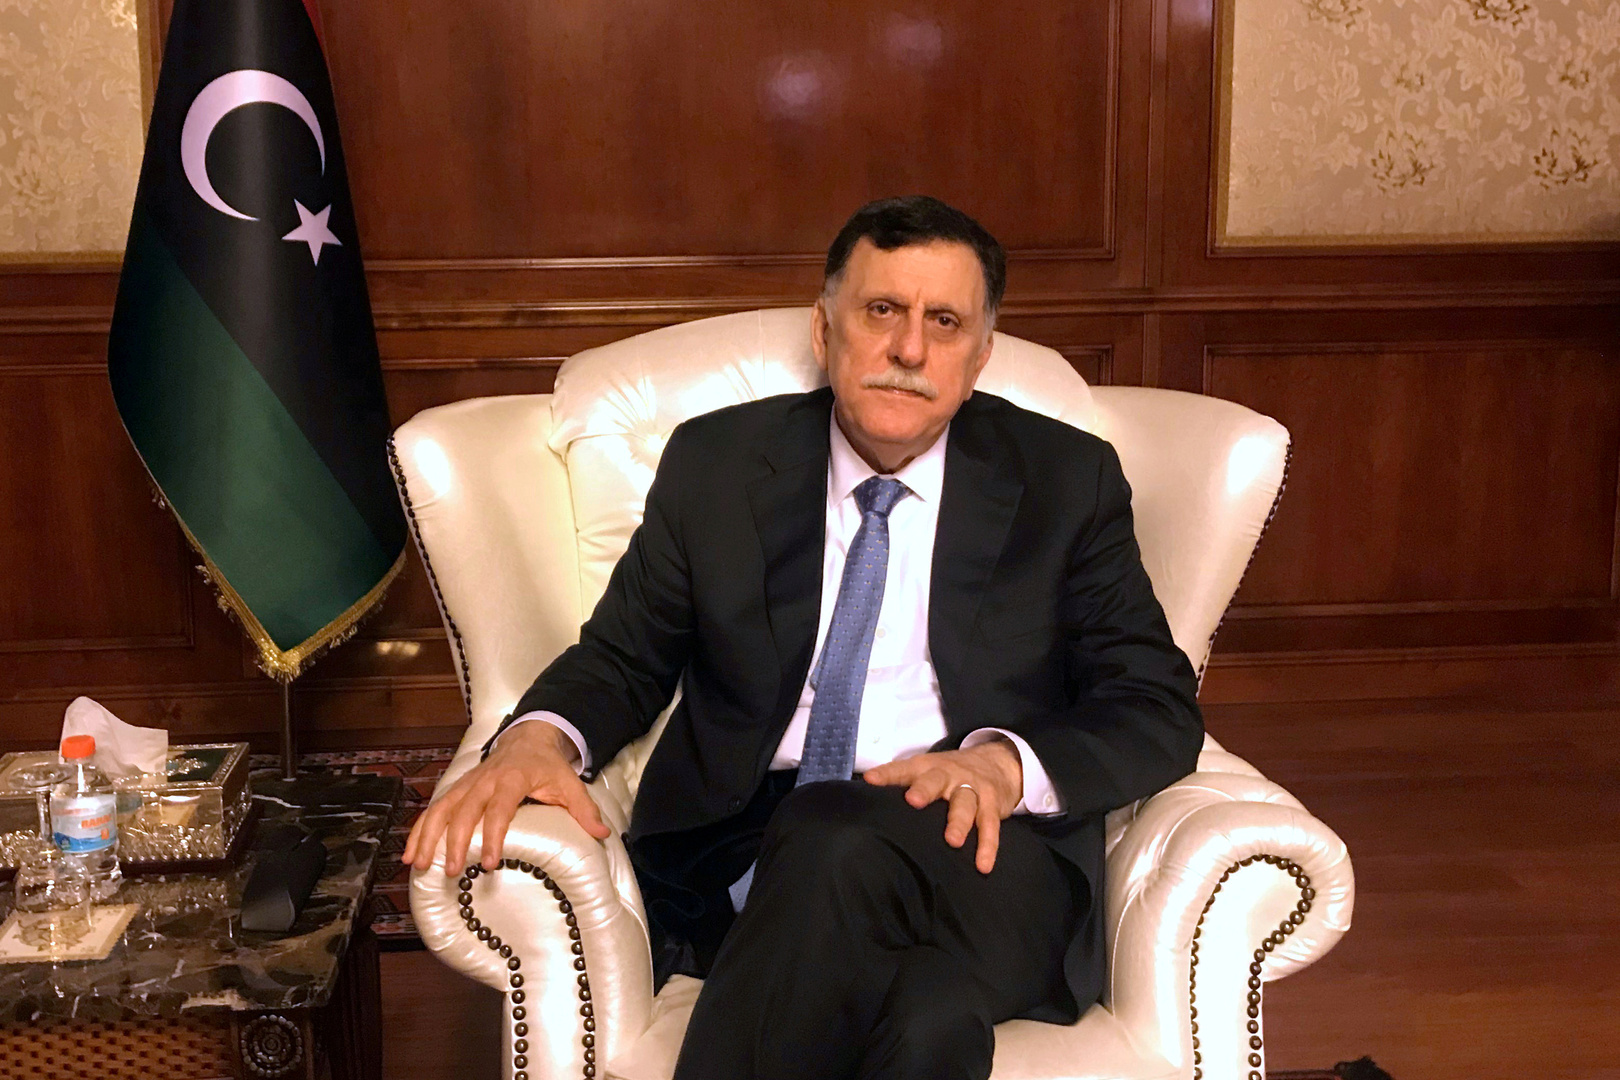 السراج يطلب من 5 دول تفعيل الاتفاقيات الأمنية مع ليبيا للدفاع عن طرابلس